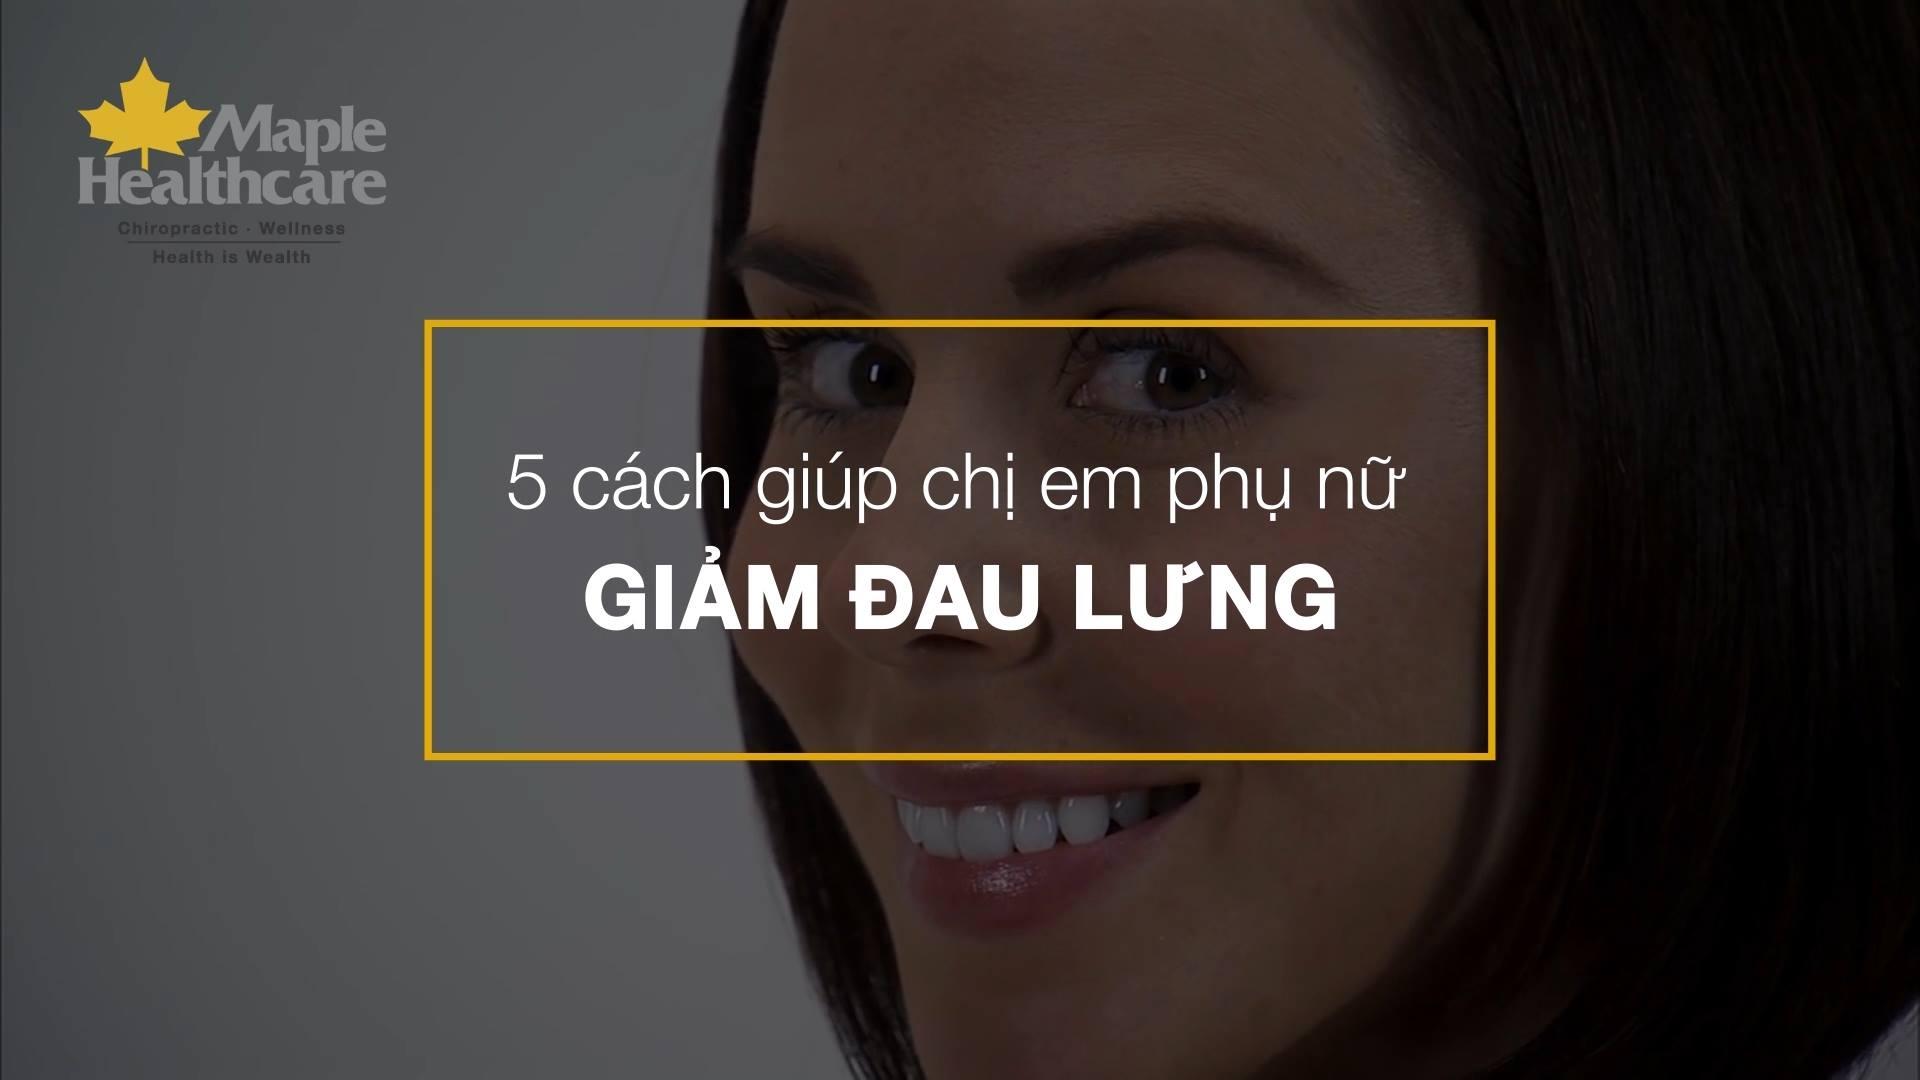 5 cách giúp phụ nữ giảm đau lưng với maple healthcare